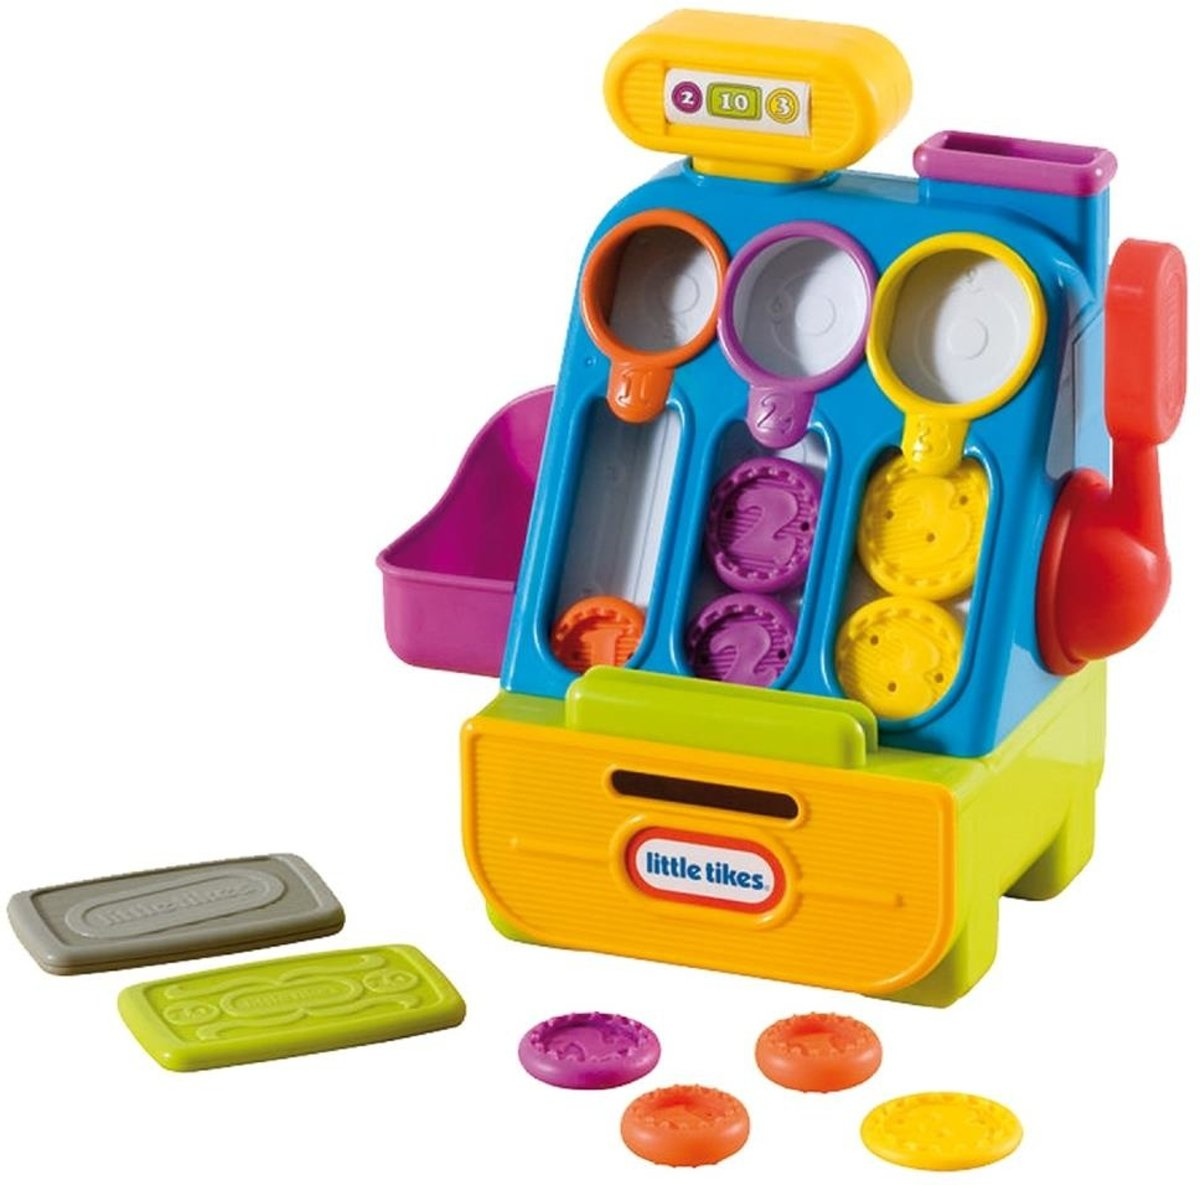 Little Tikes Count&Play Kassa